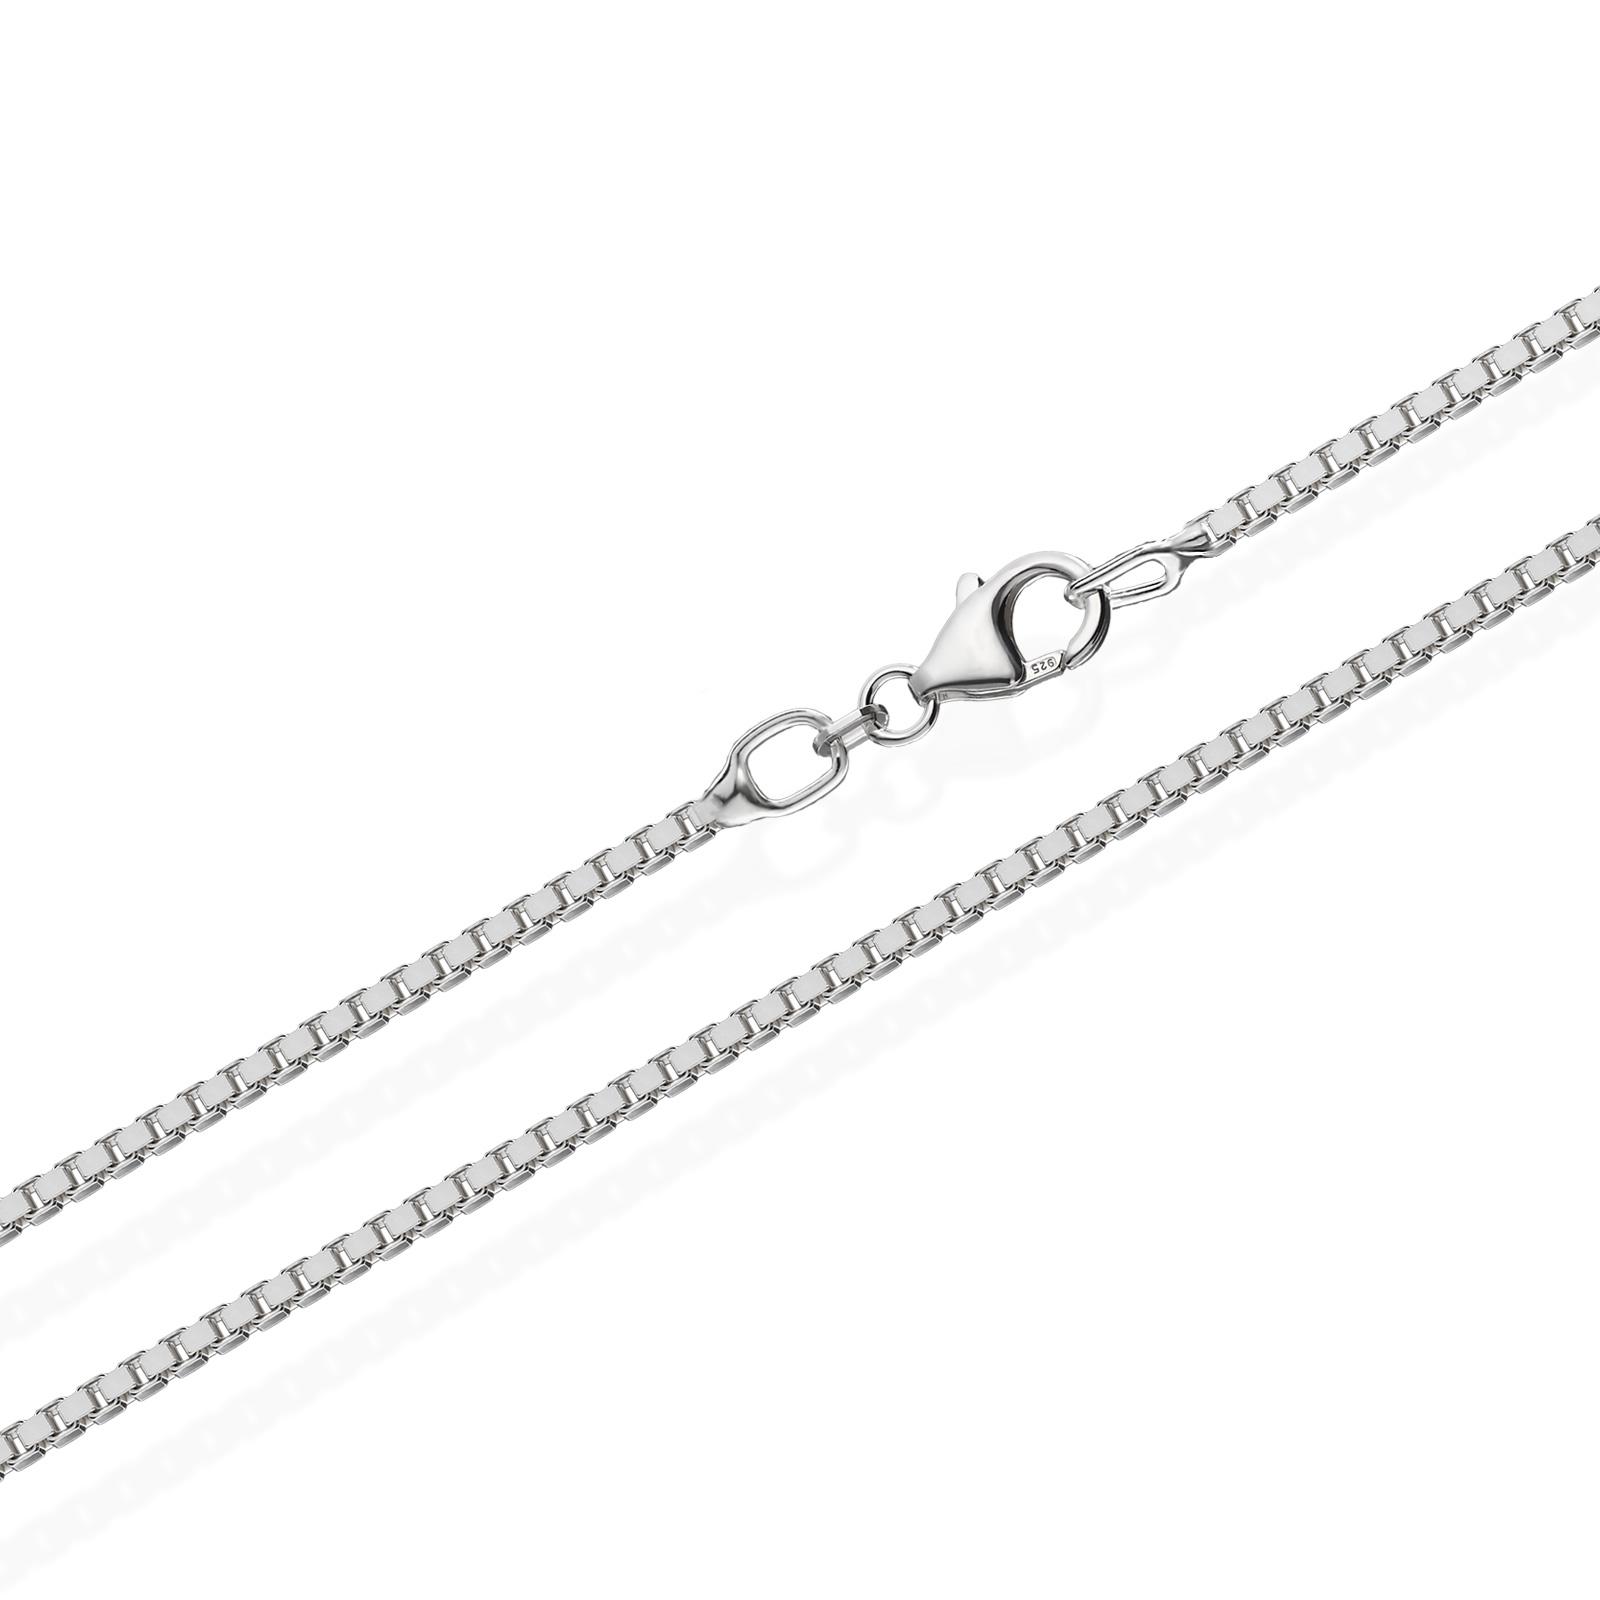 echte 925er Sterlingsilber Venezianerkette Silberkette Halskette Damen Herren 1,30mm